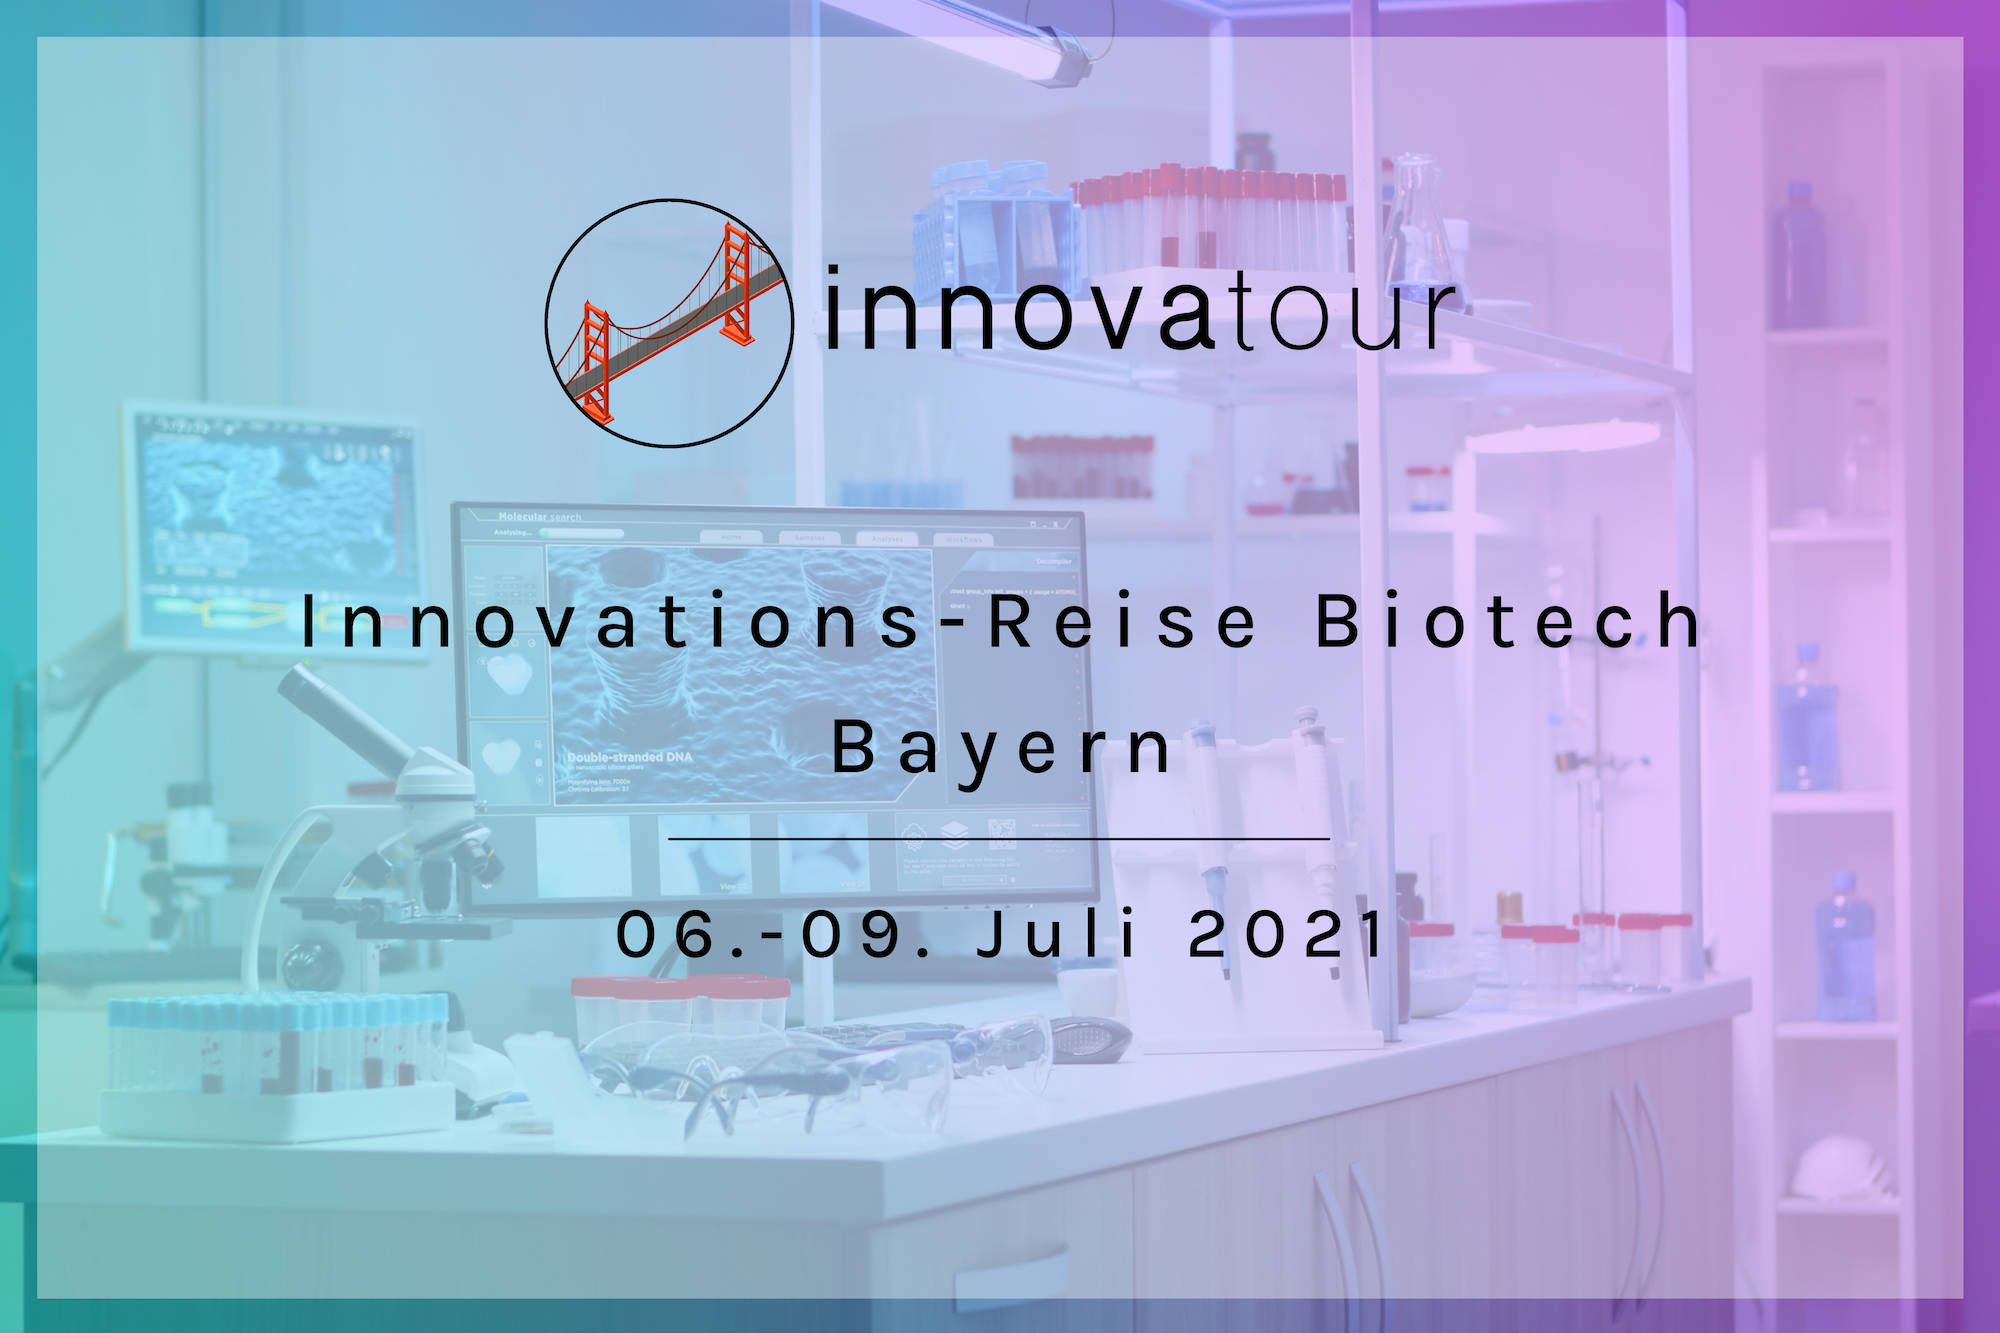 2021-11-05_Innovations-Reise_Bayern_v2